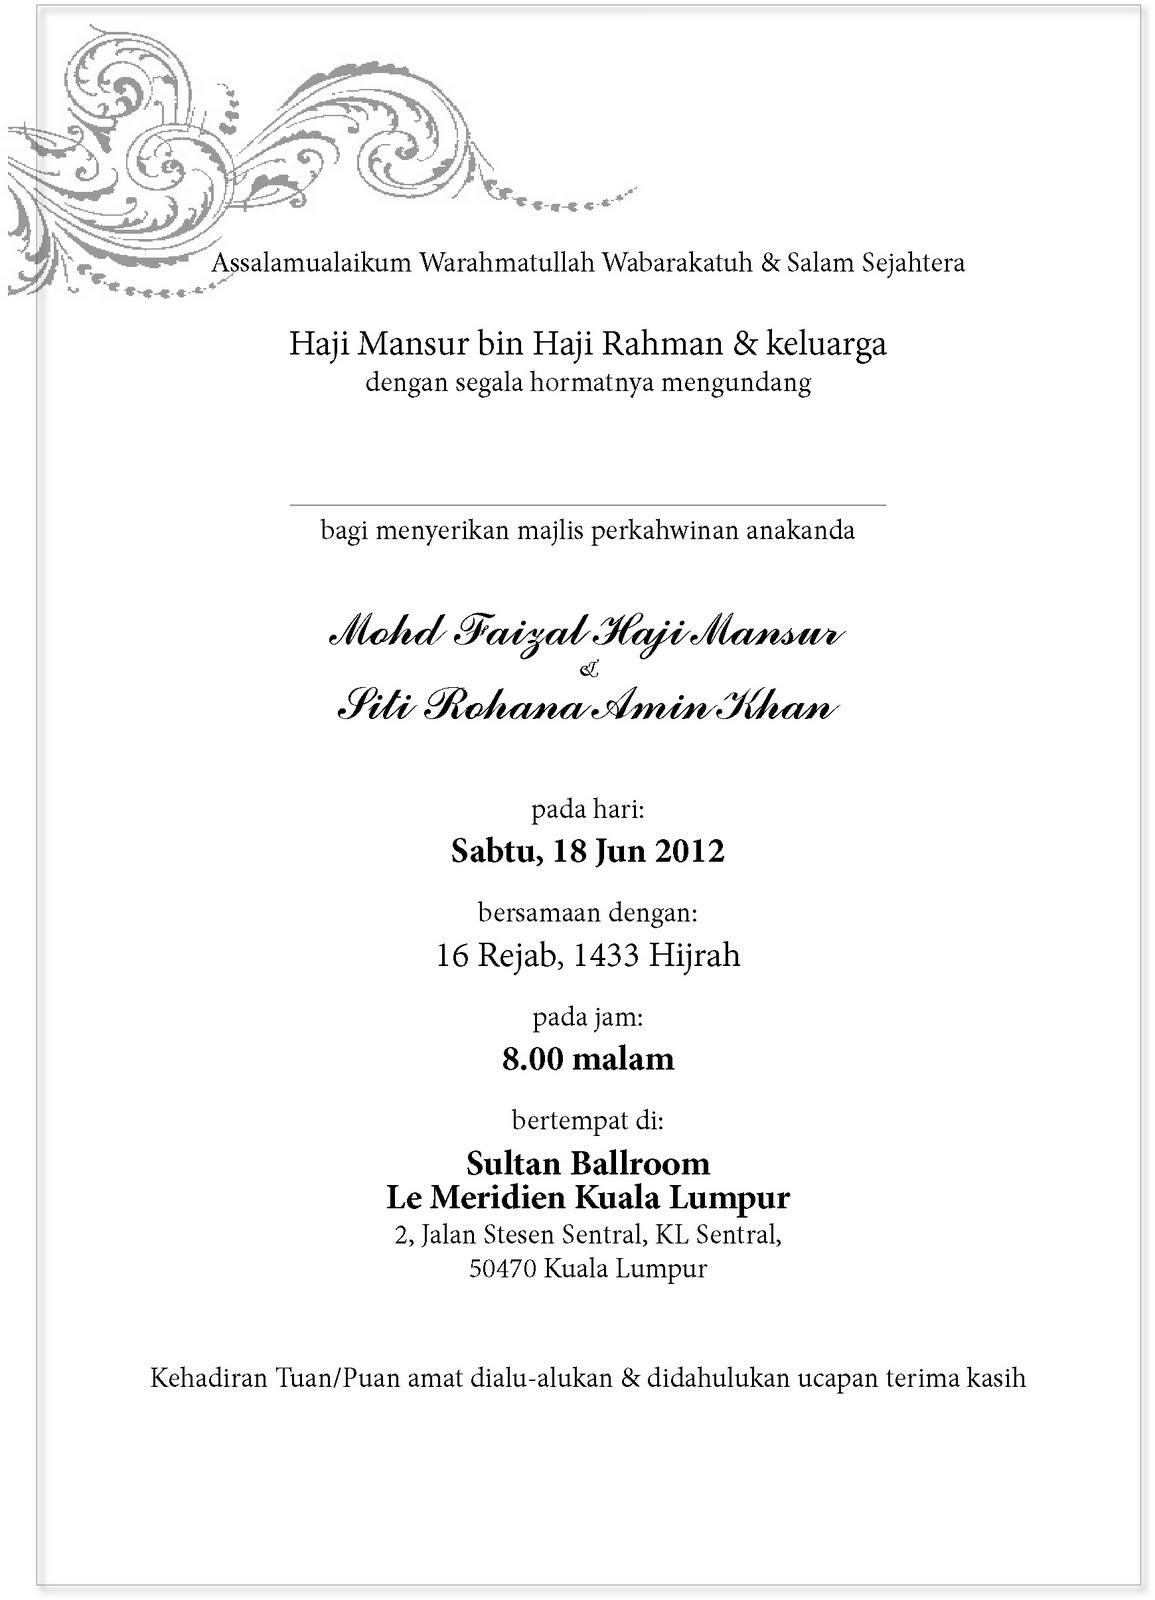 Christian Wedding Invitation Card Greek Wedding Dresses 50th